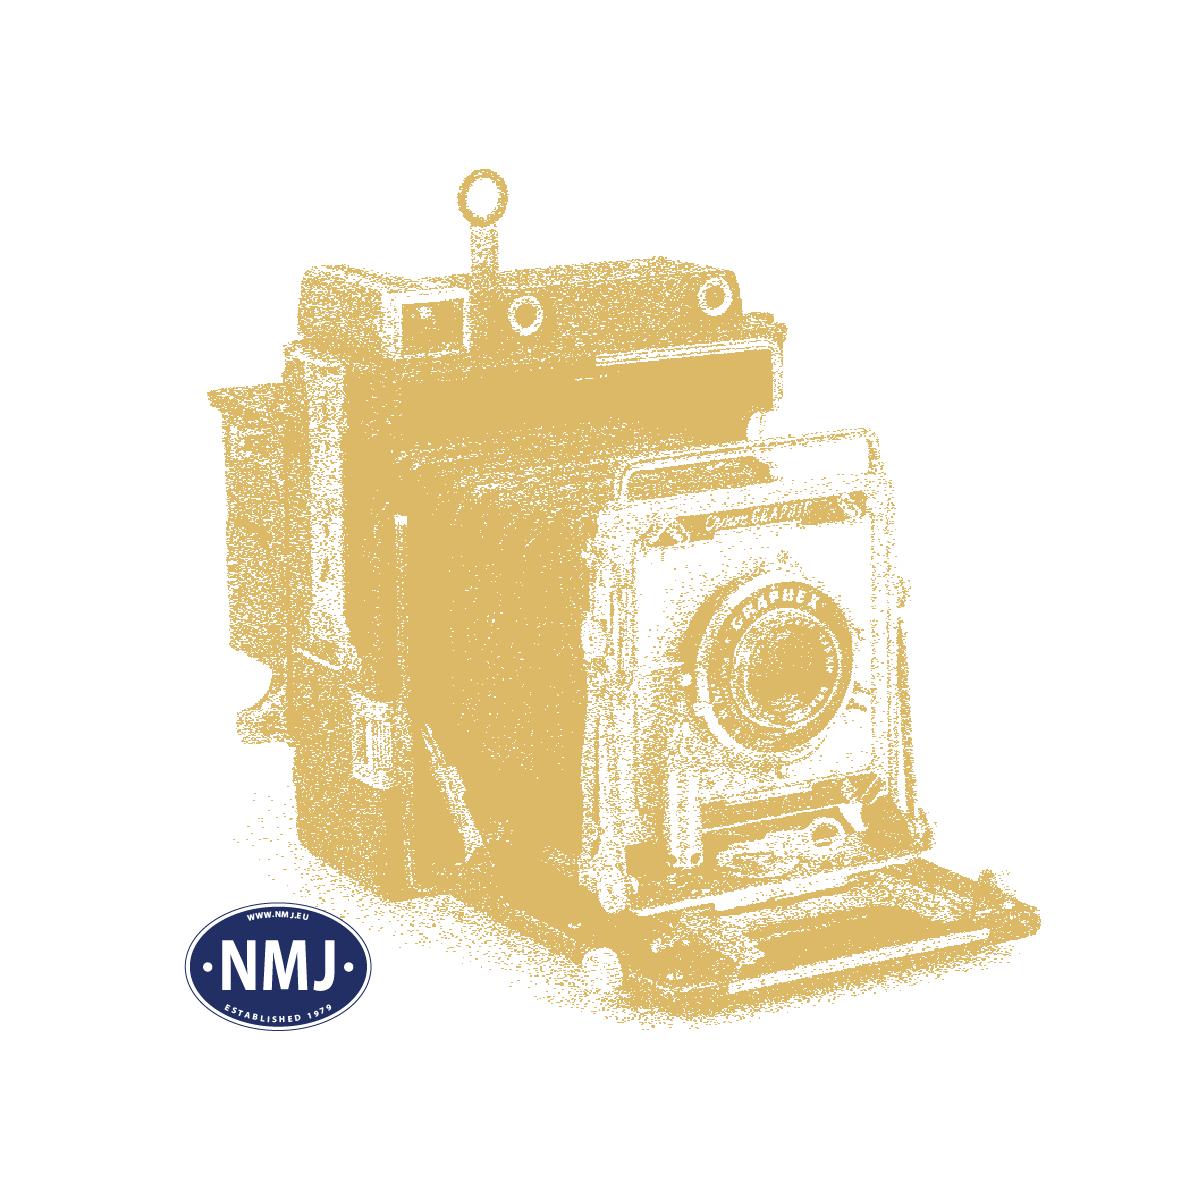 NMJT9906 - NMJ Topline deler for RPS